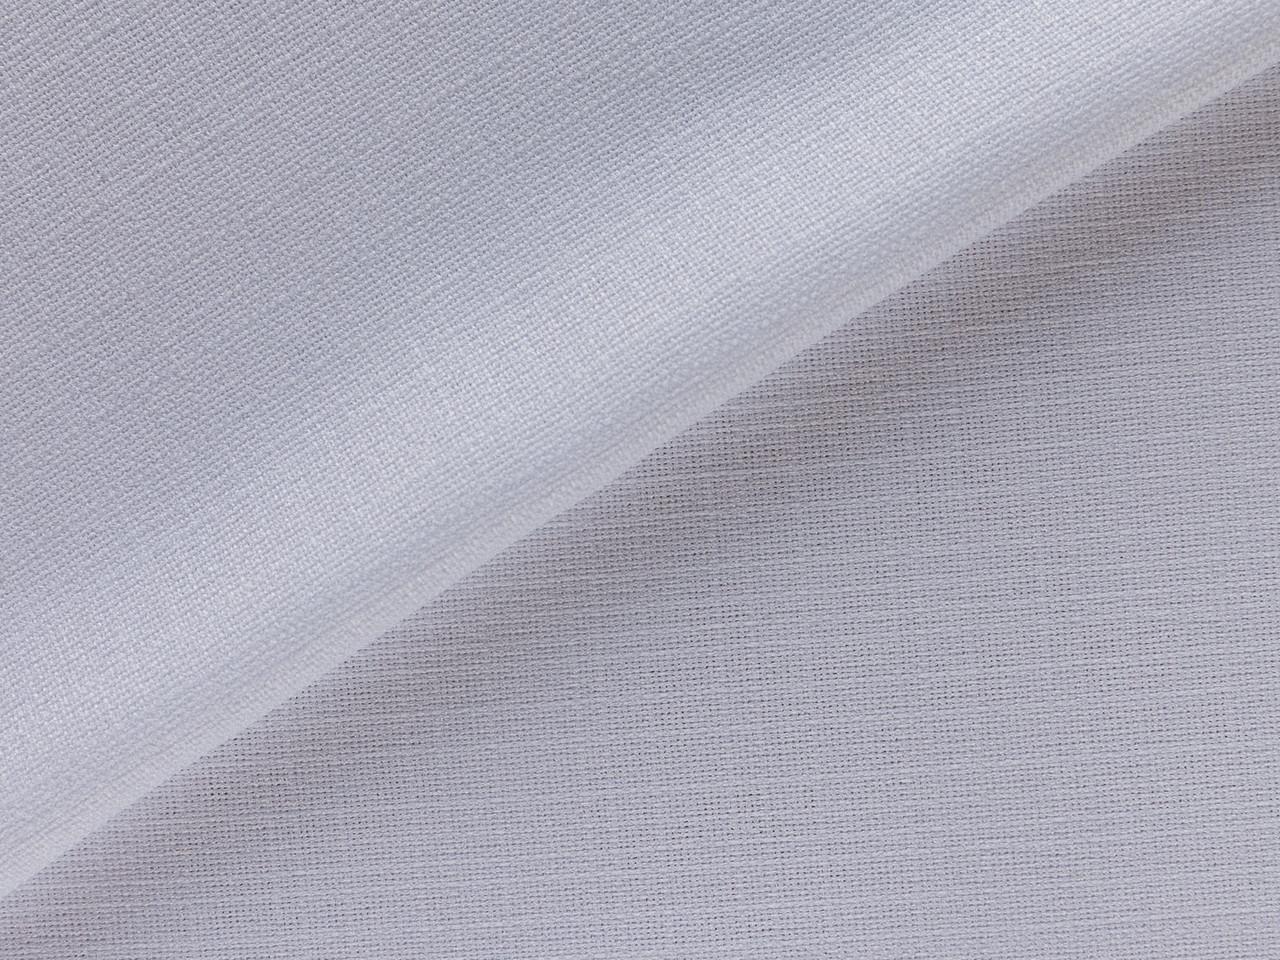 Джутовый лен, белый